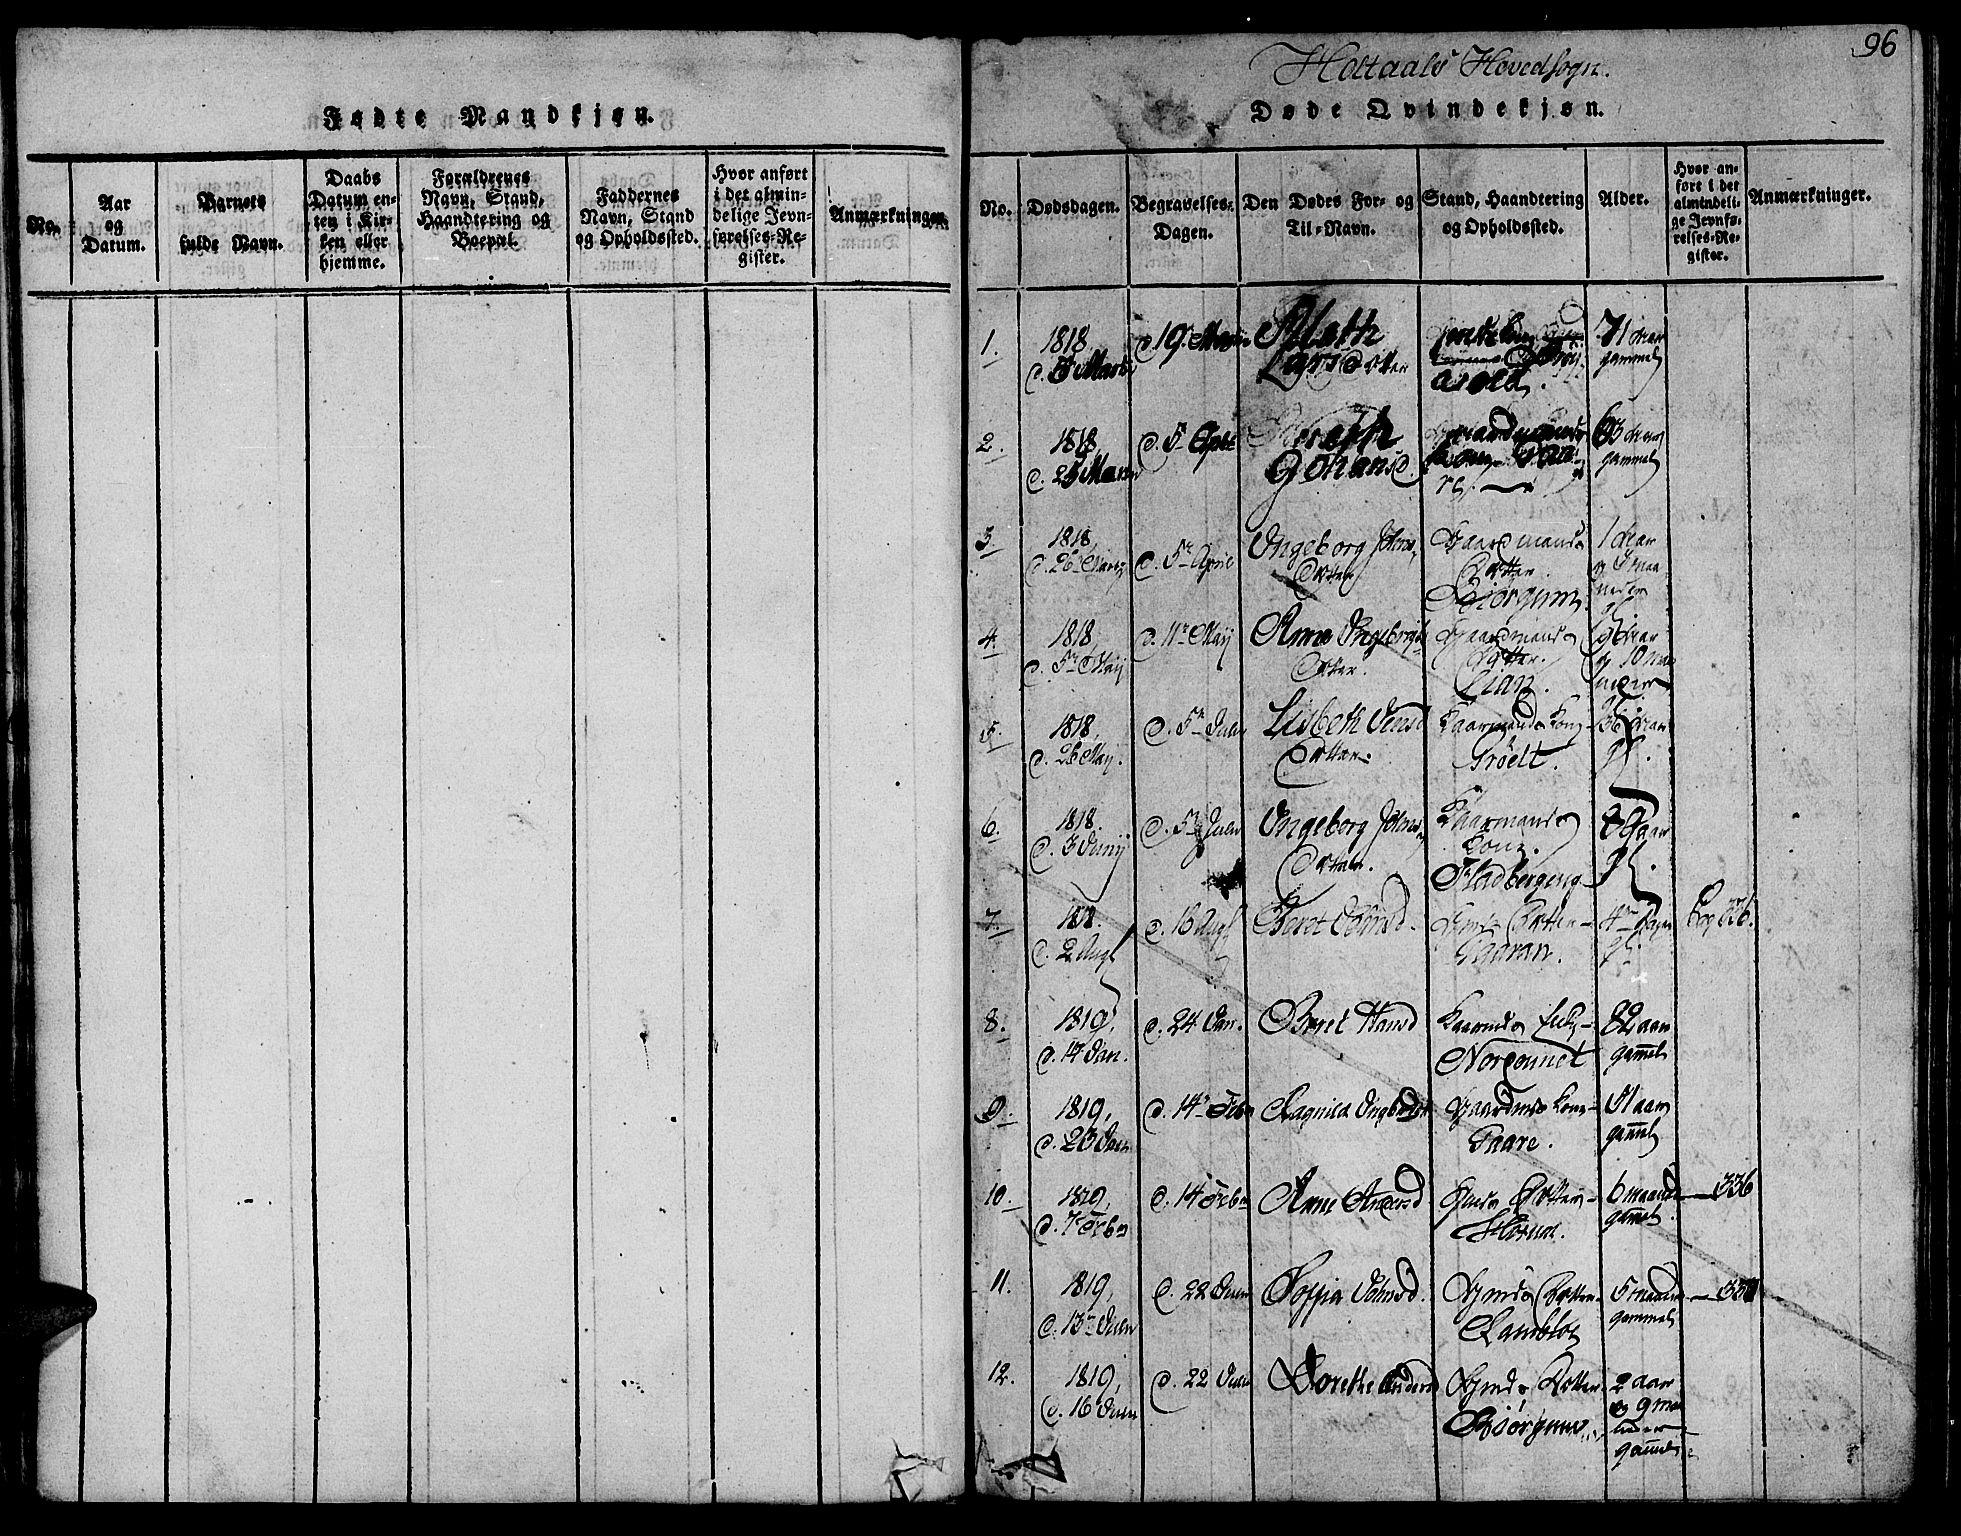 SAT, Ministerialprotokoller, klokkerbøker og fødselsregistre - Sør-Trøndelag, 685/L0954: Ministerialbok nr. 685A03 /1, 1817-1829, s. 96